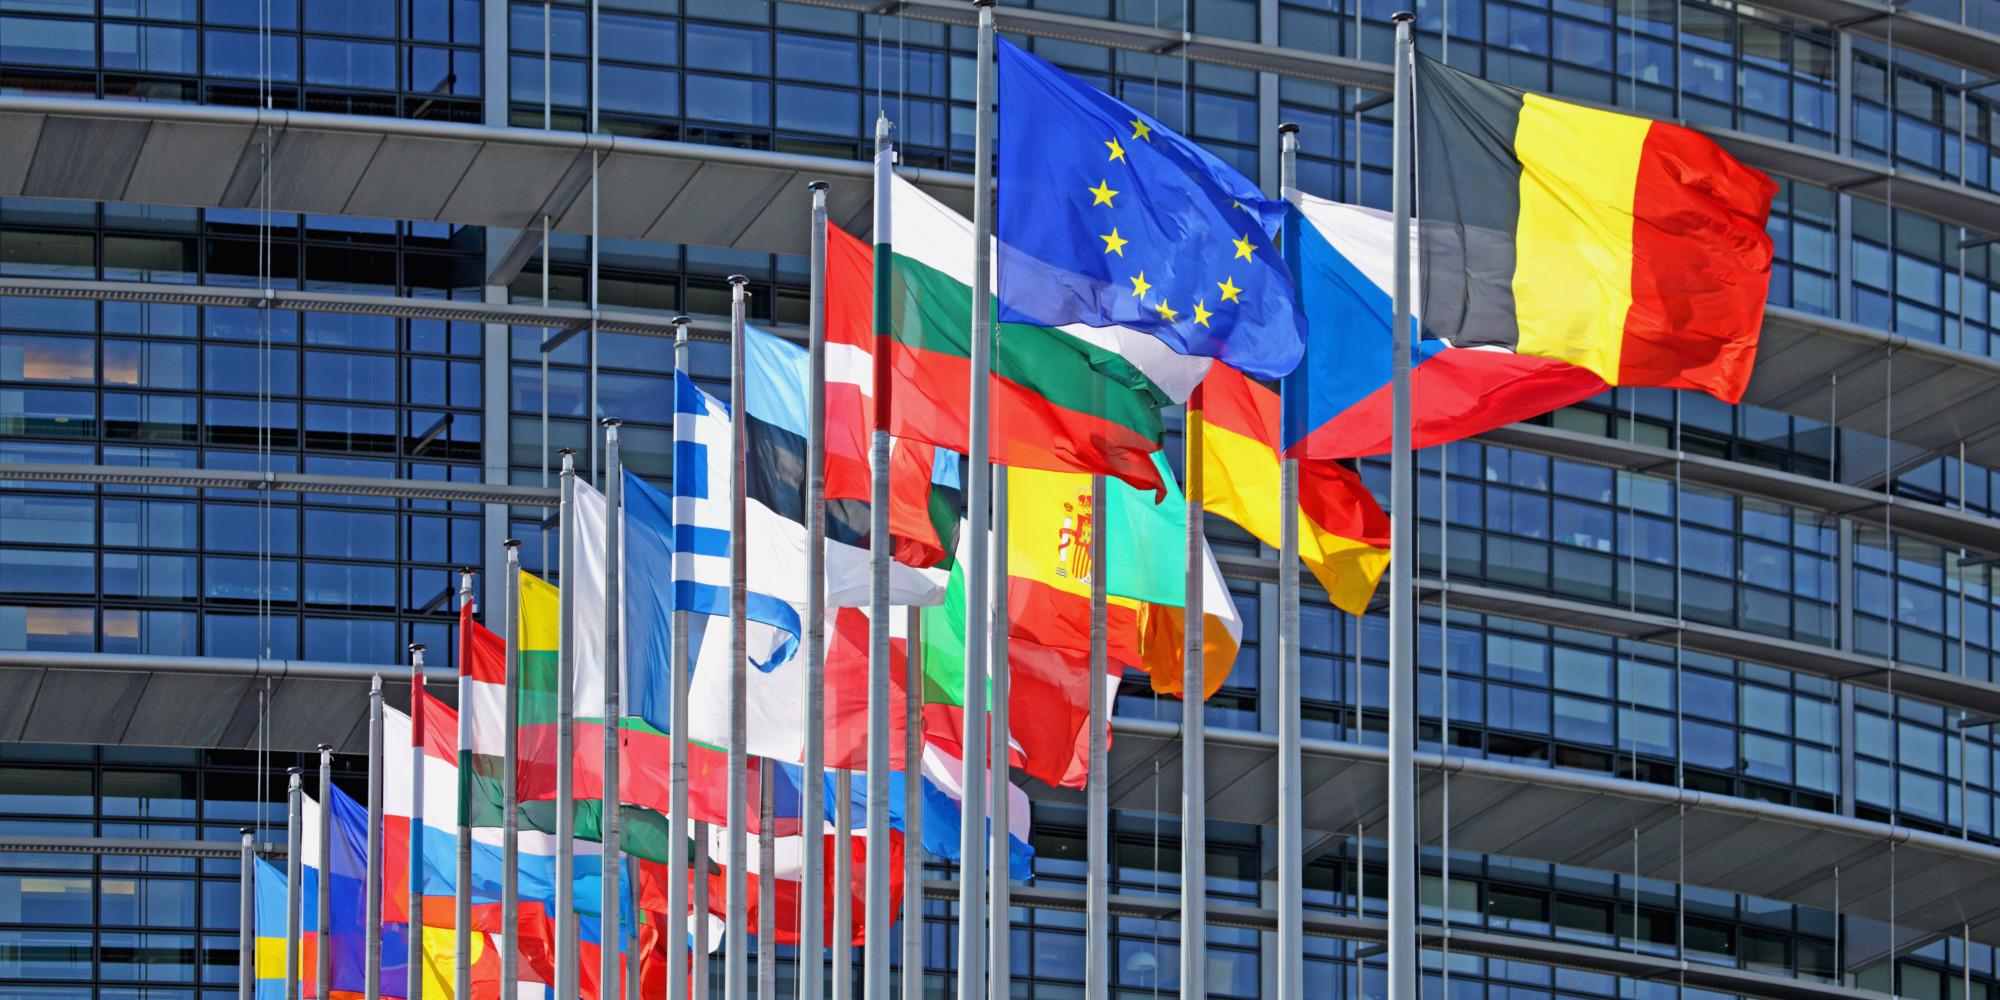 Zweite europäische 3D-Druck Konferenz in Brüssel